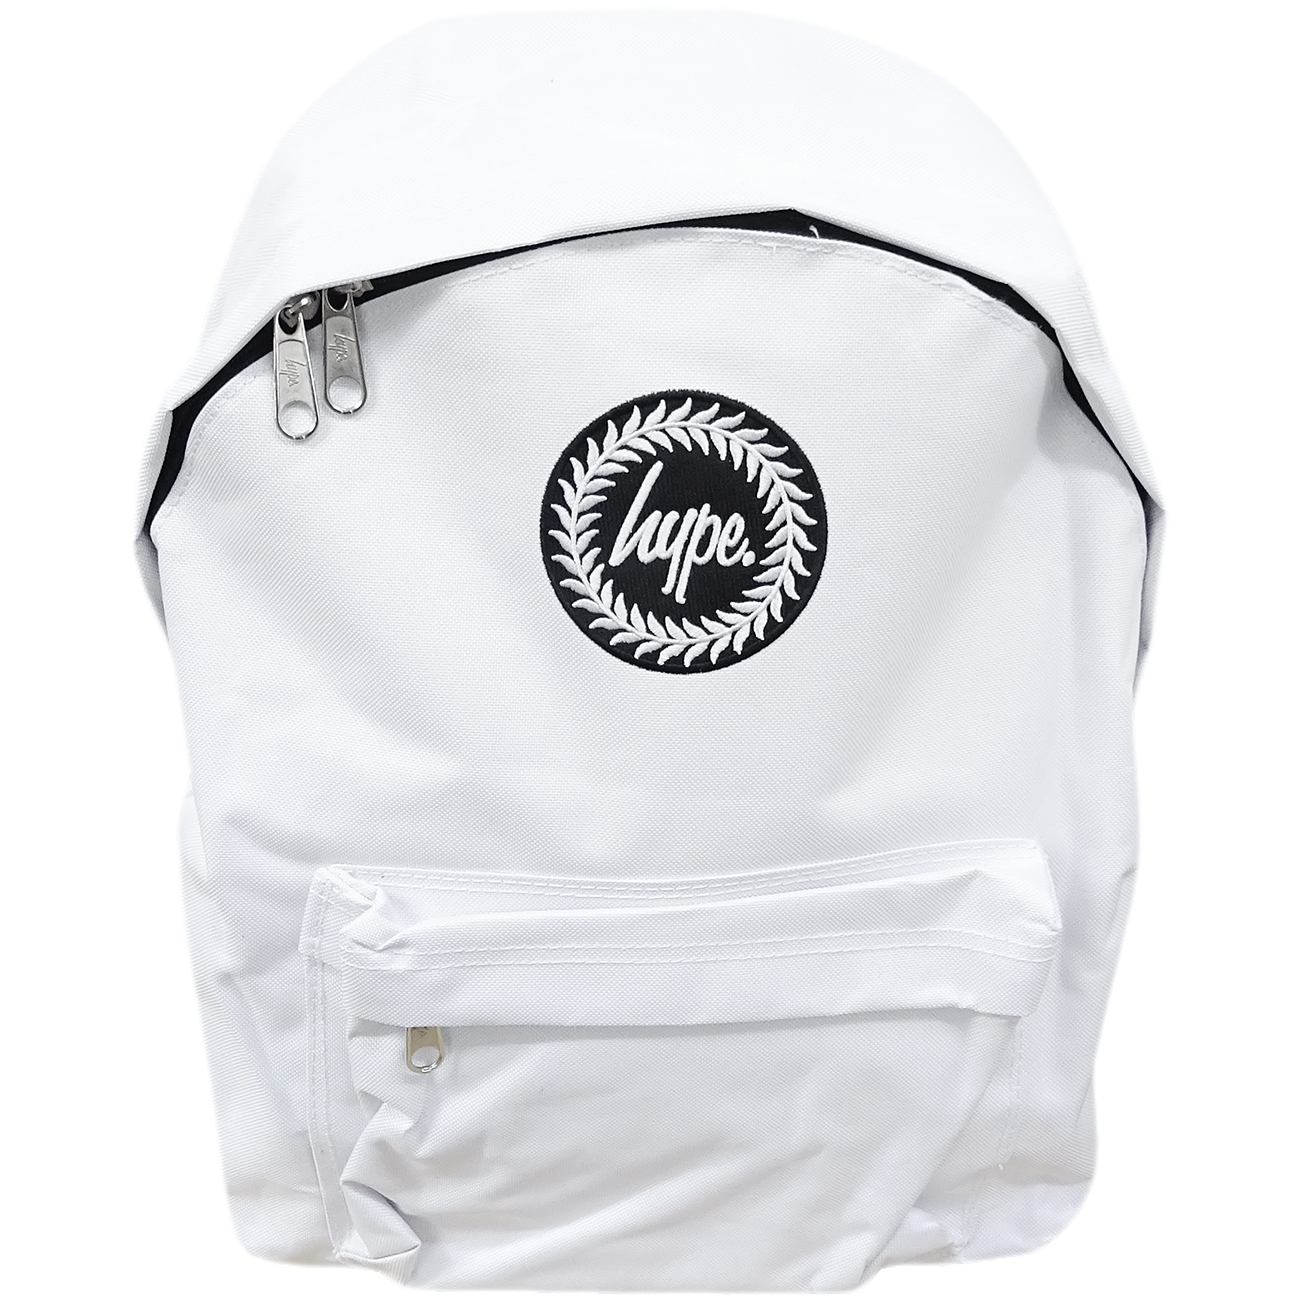 Hype Backpack Plain White Bag